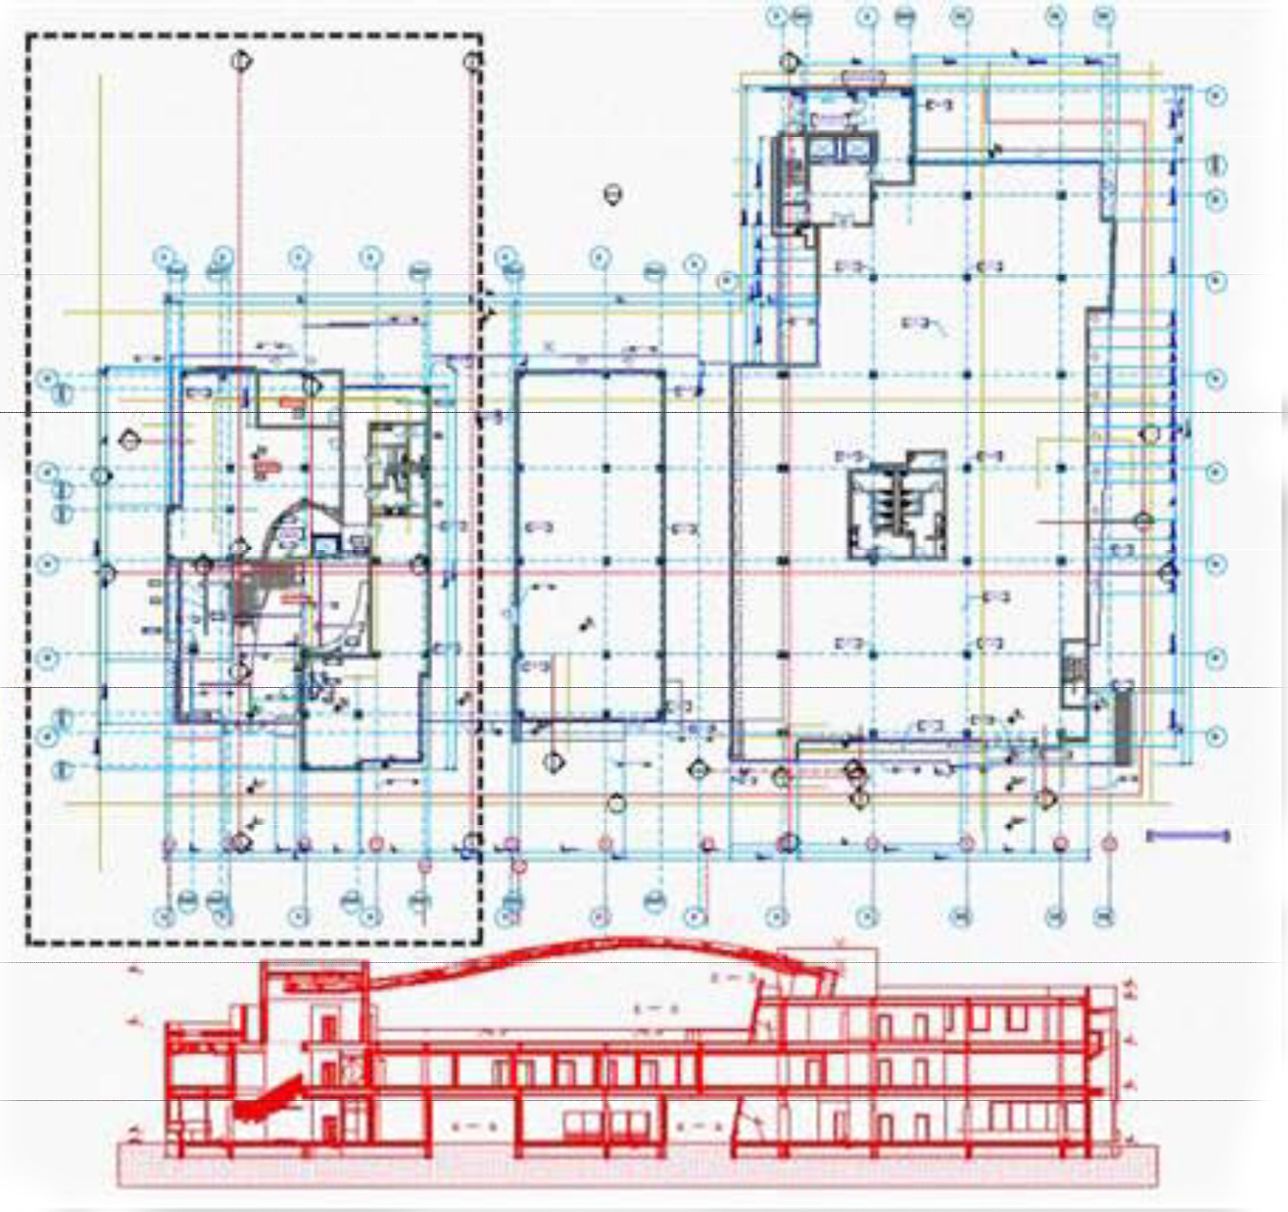 Menyusun dokumen konstruksi, gambar kerja, atau ded (detailed